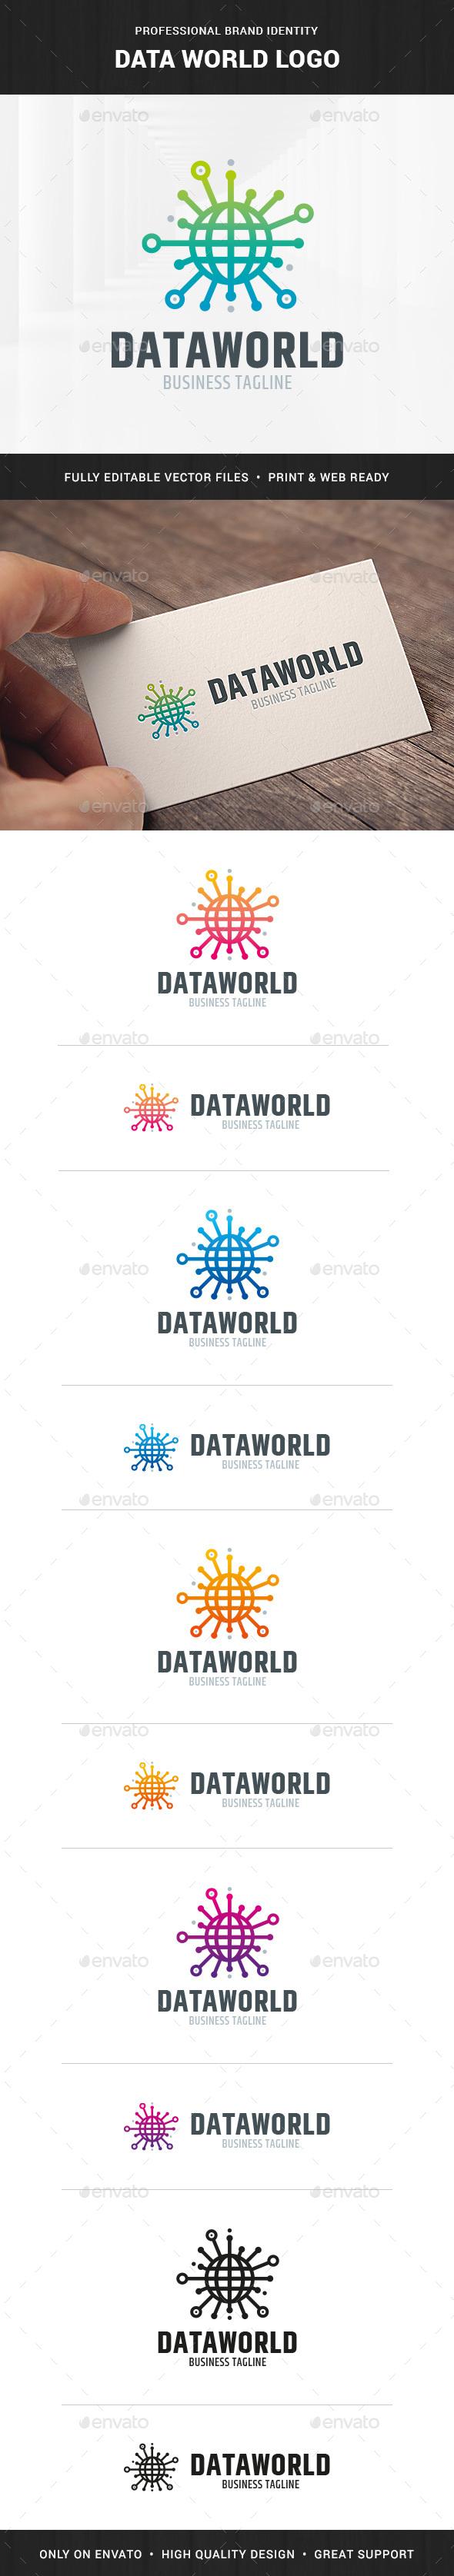 Data World Logo Template